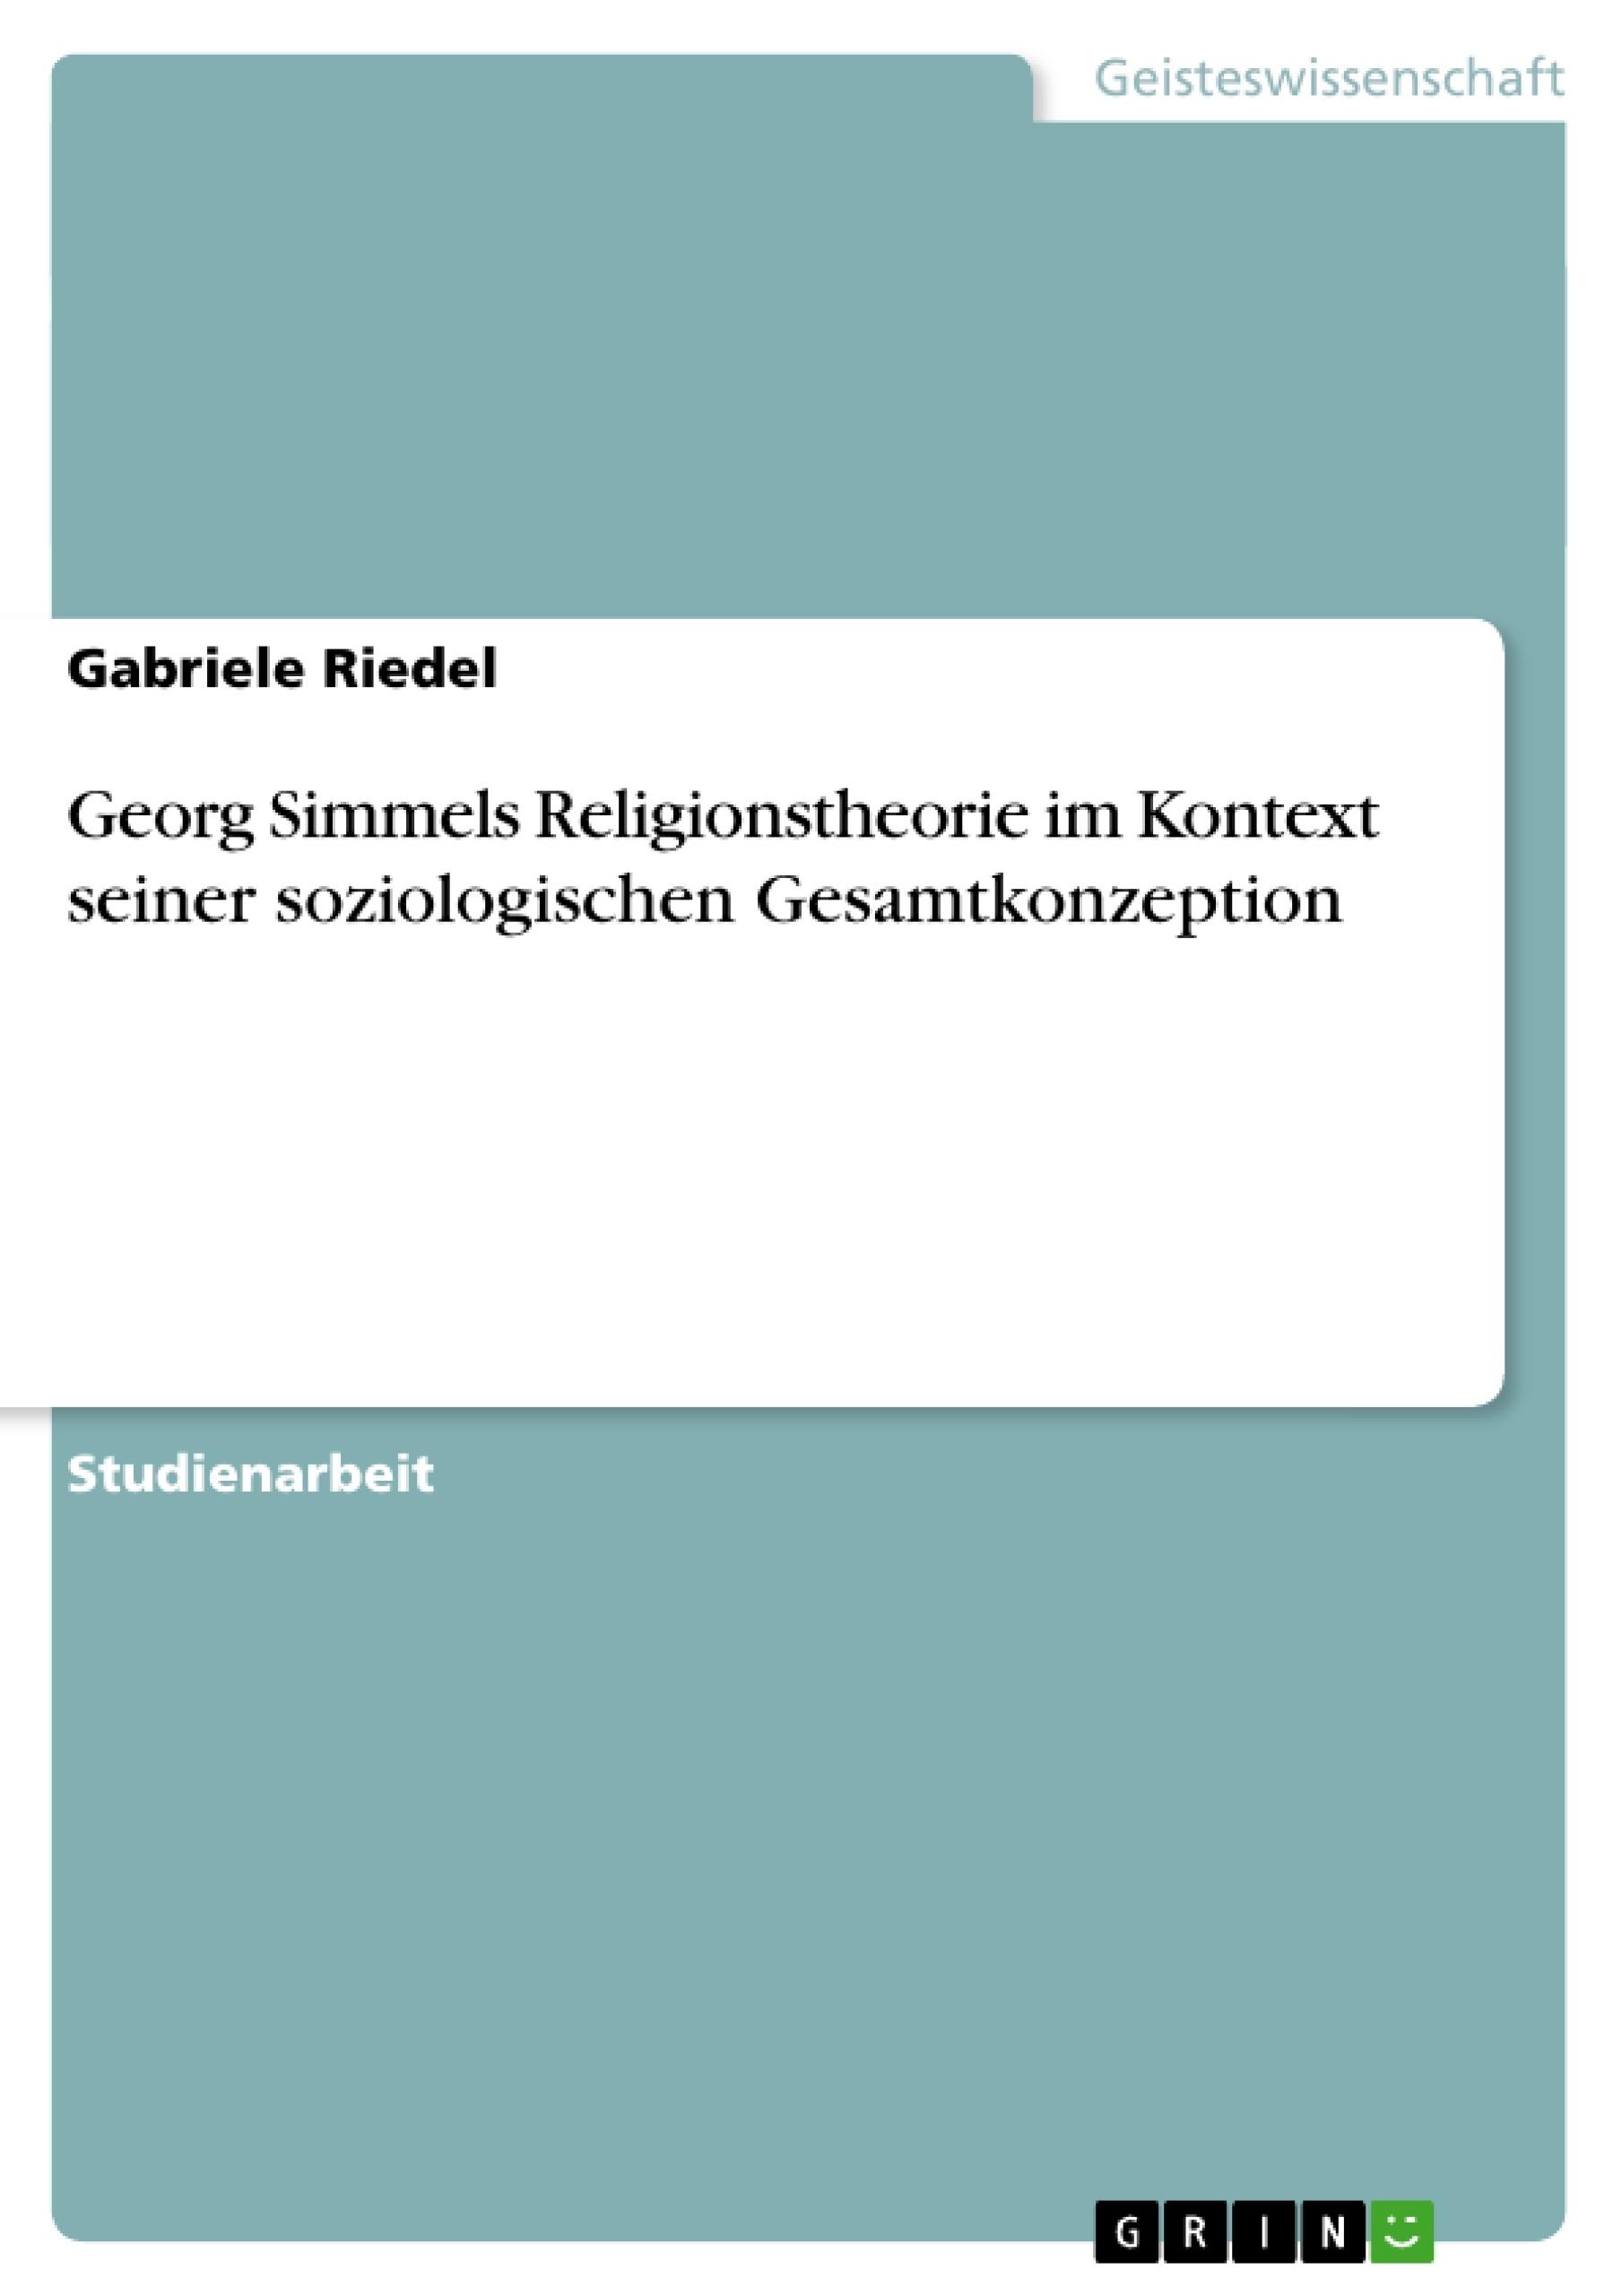 Titel: Georg Simmels Religionstheorie im Kontext seiner soziologischen Gesamtkonzeption